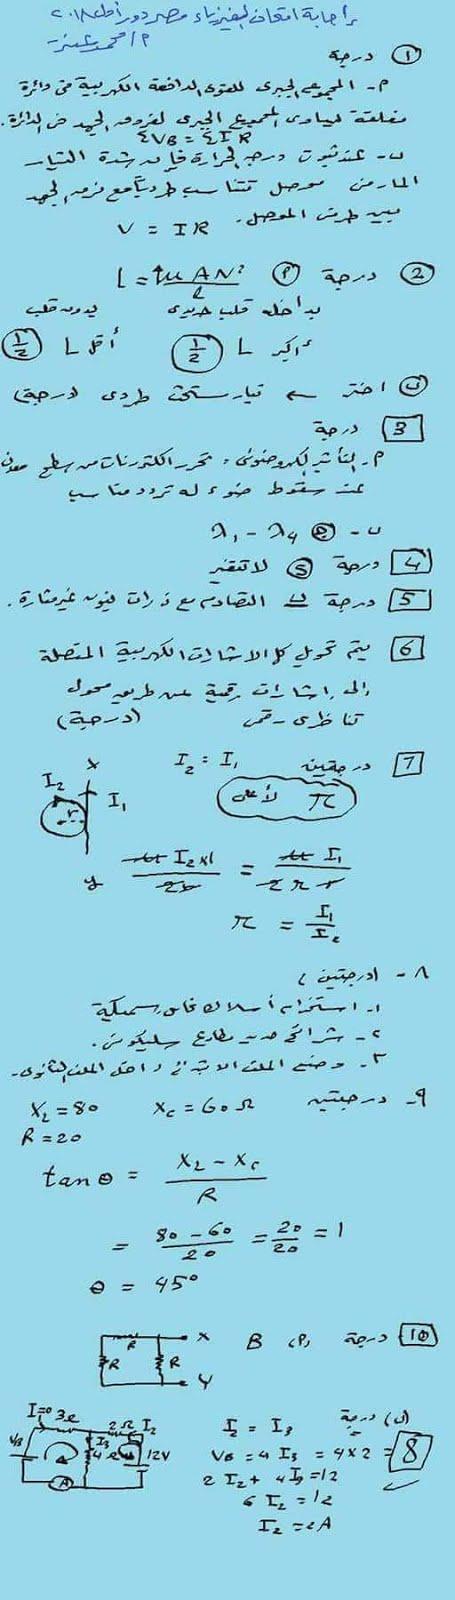 اجابة امتحان الفيزياء للثانوية العامة دور أول 2018